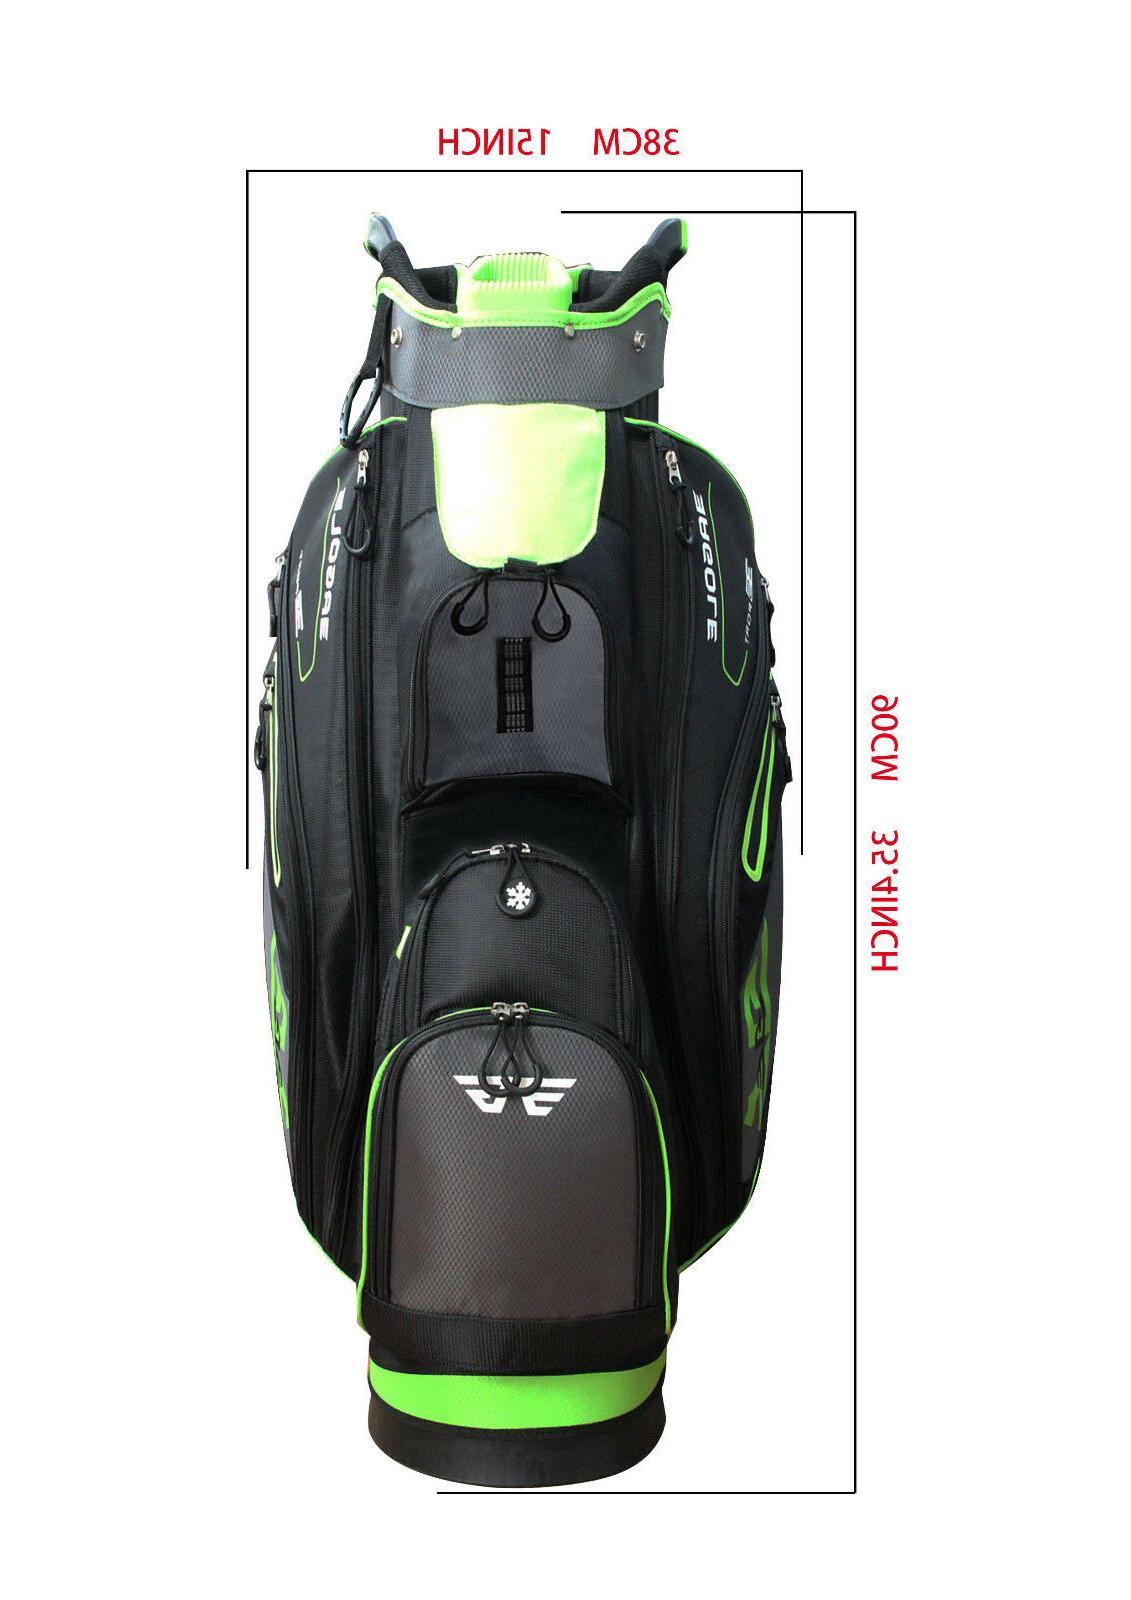 EG SUPER 5 Lbs, 9 Pockets TOP Golf CART